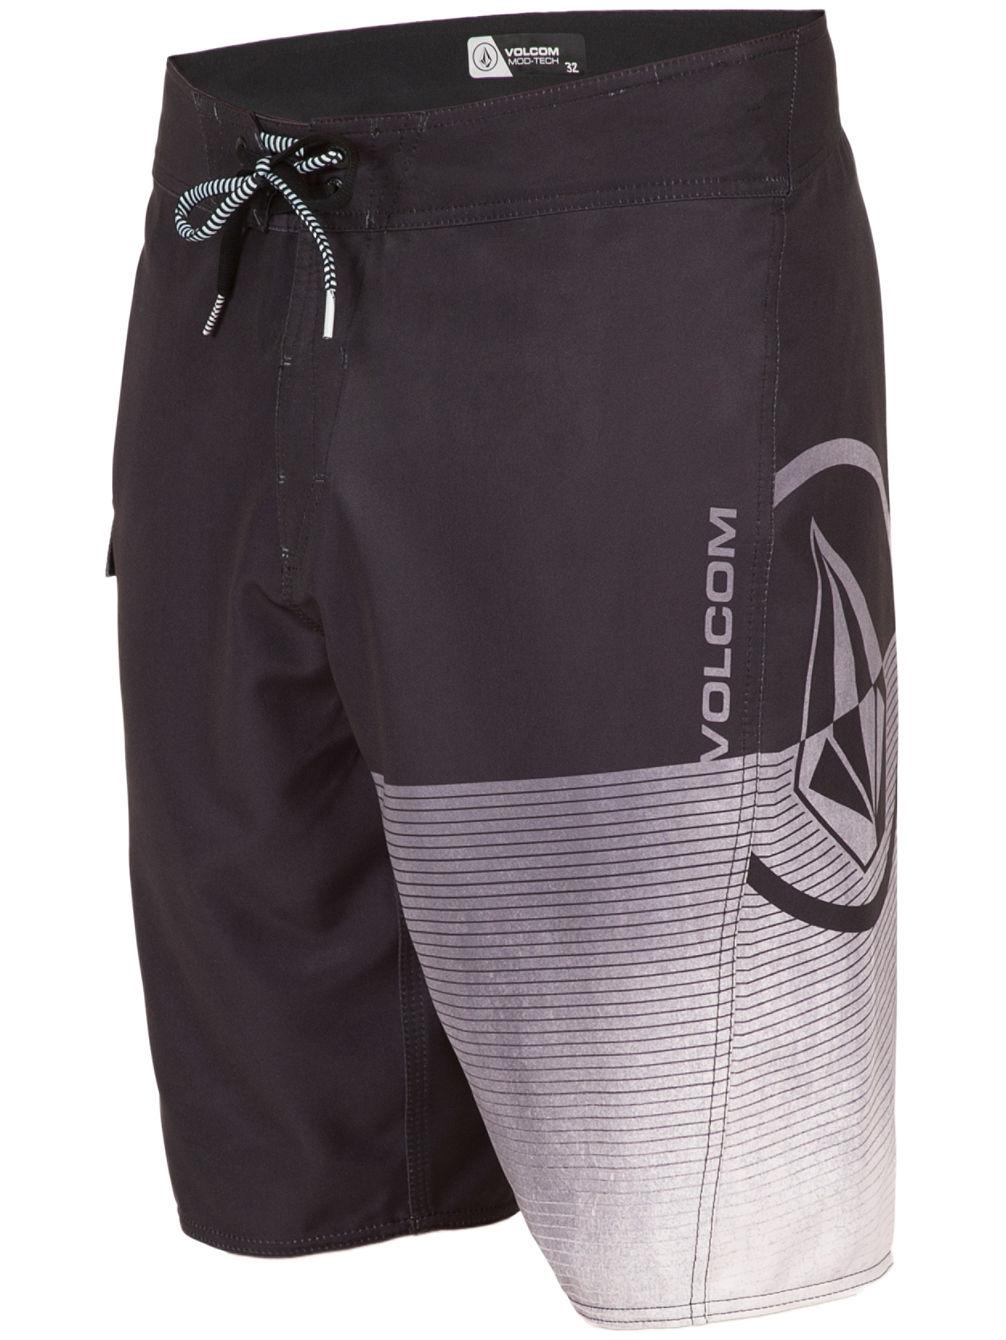 0242c54675 Buy Volcom Costa Stone 21'' Boardshorts online at Blue Tomato